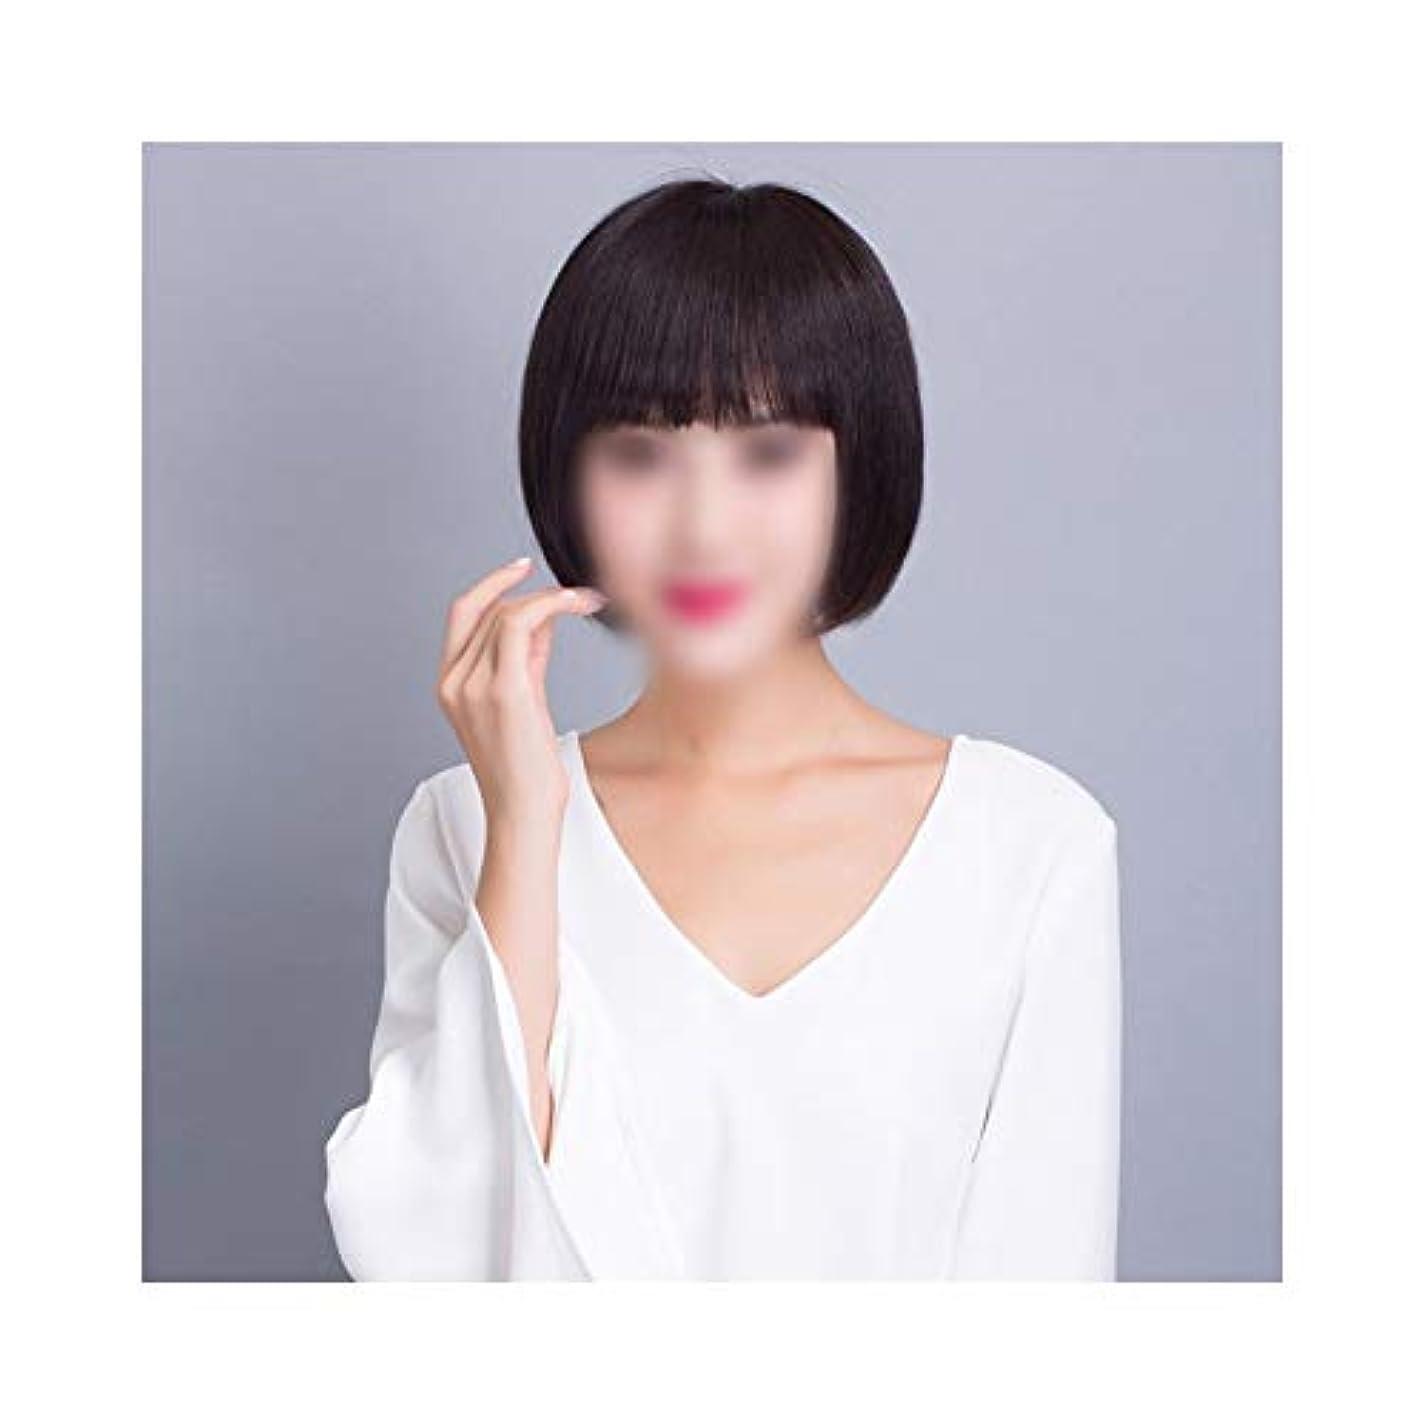 吸収剤元の価値YOUQIU 女子ショートボブウィッグハンサムショートストレートヘアナチュラル現実的なふわふわ手織りウィッグウィッグ (色 : 黒, Design : Mechanism)